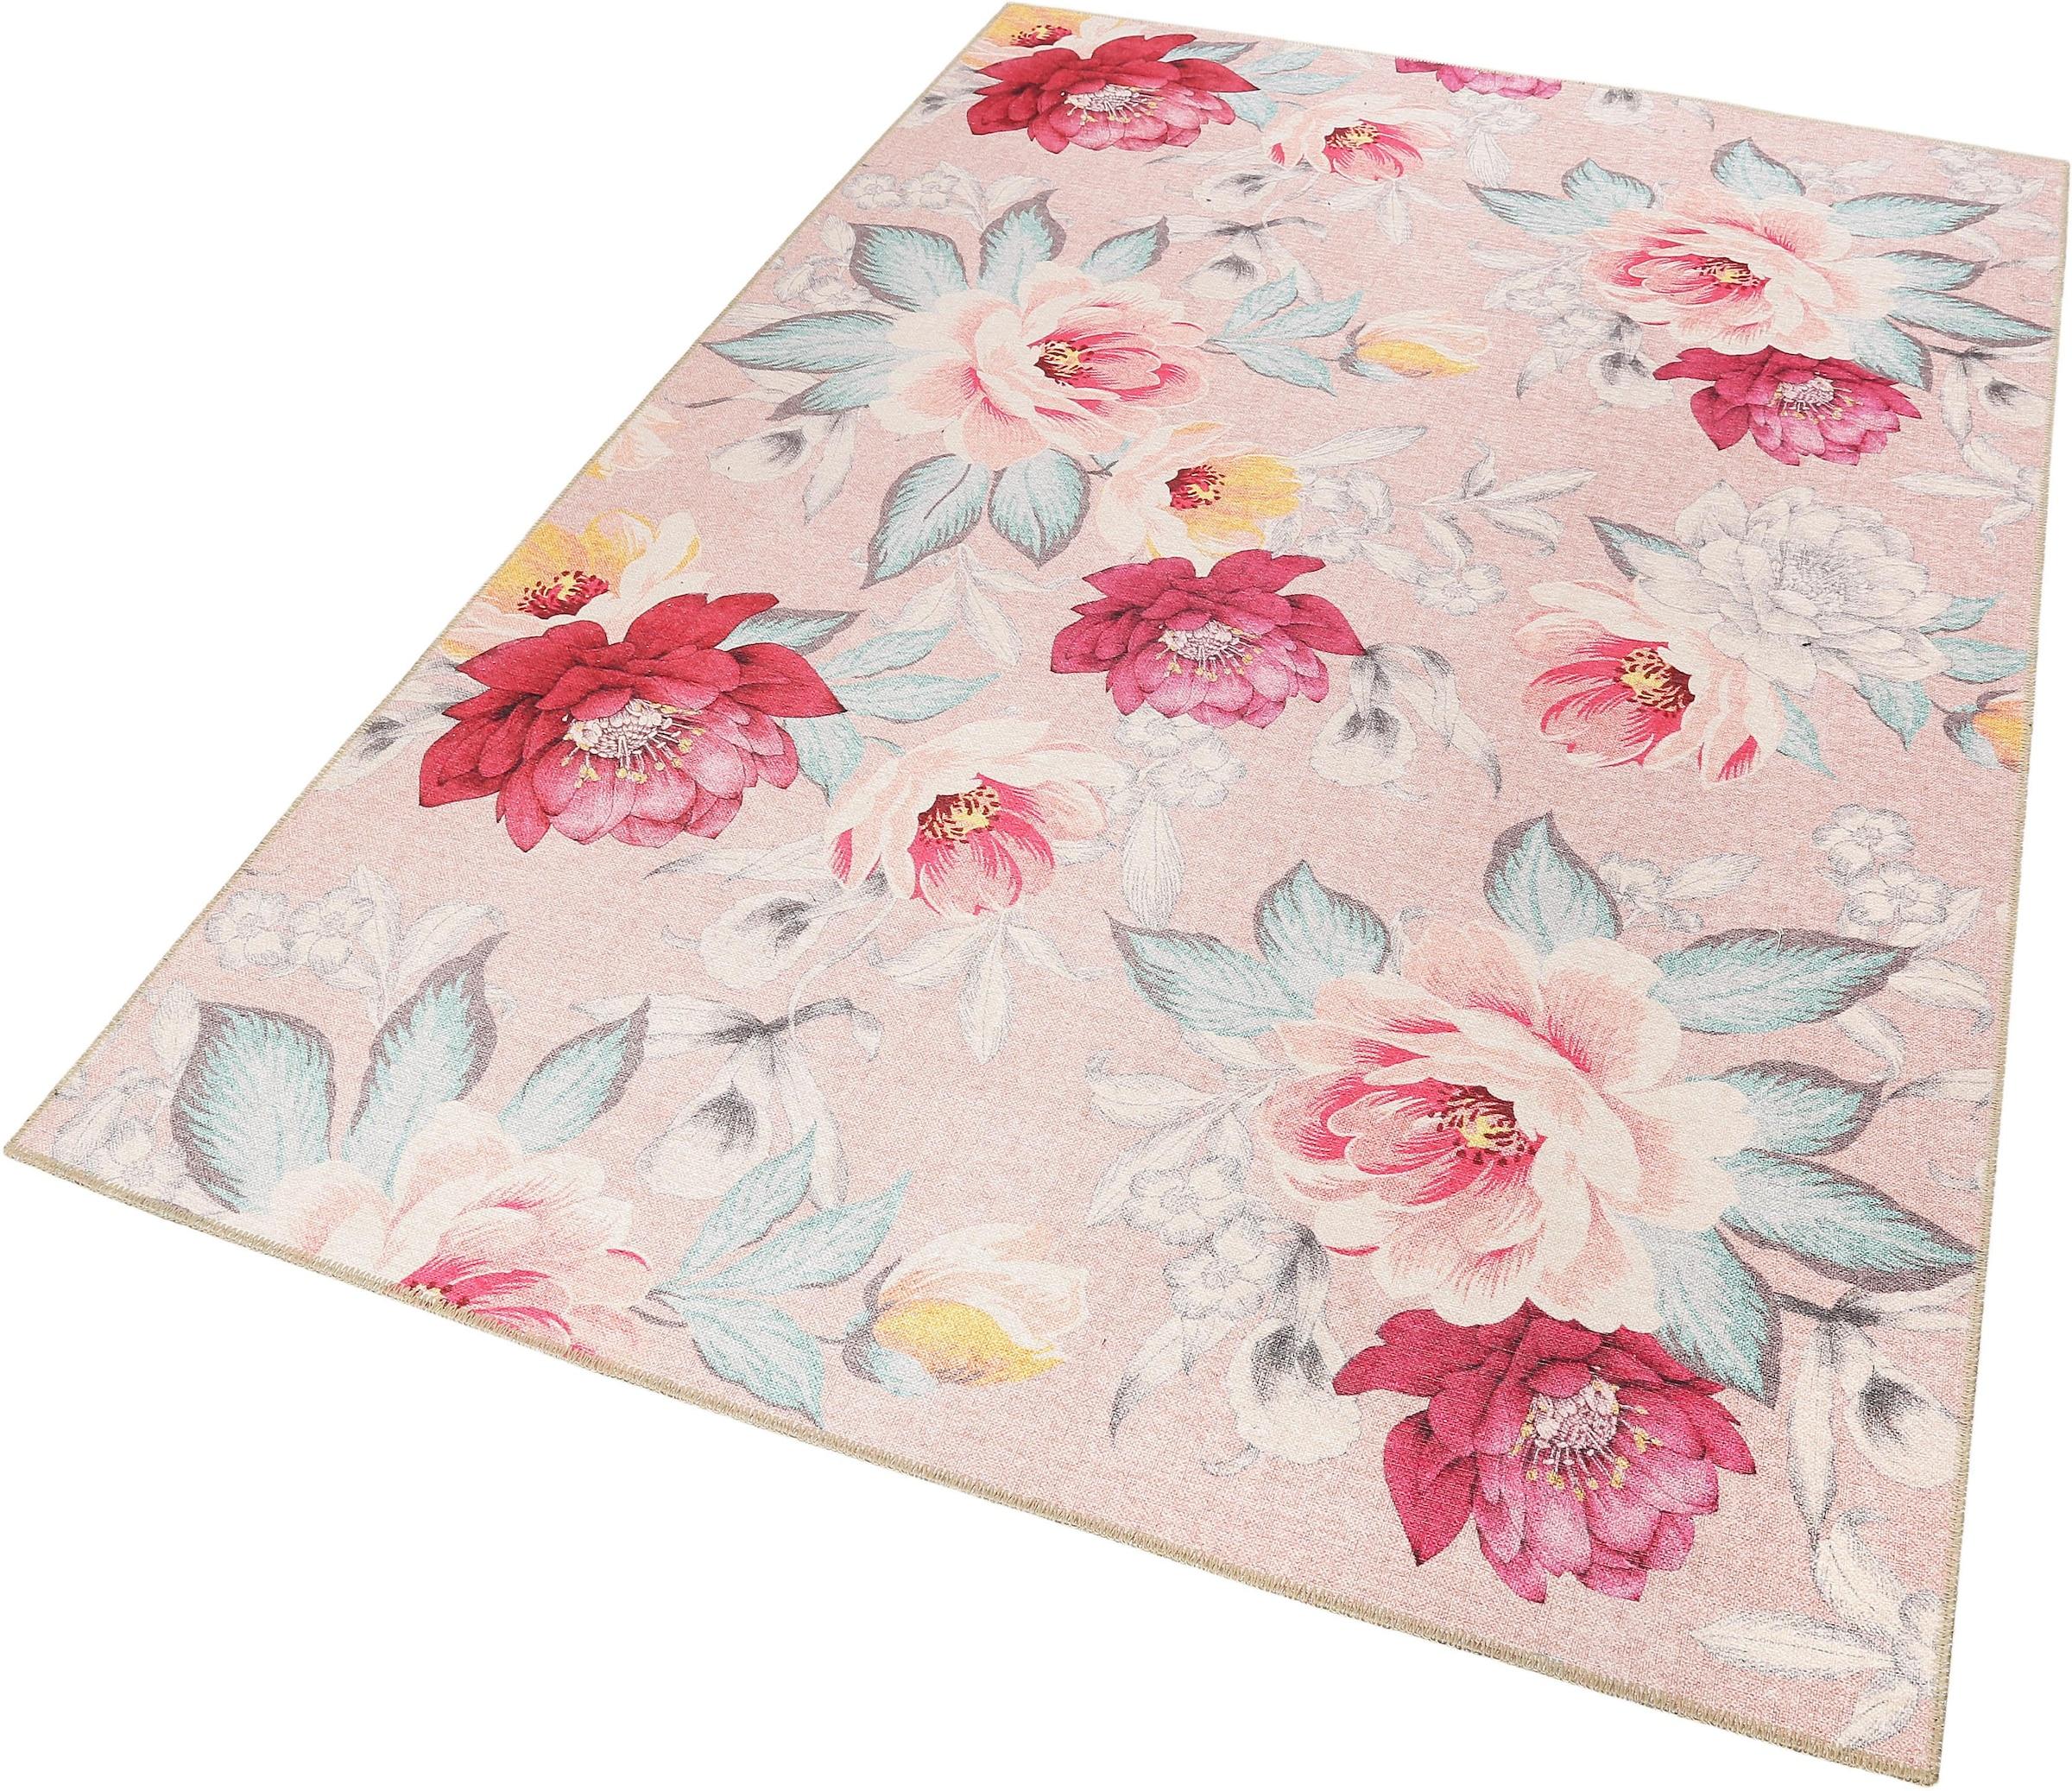 Image of Accessorize Home Teppich »Isla floral«, rechteckig, 6 mm Höhe, Wohnzimmer